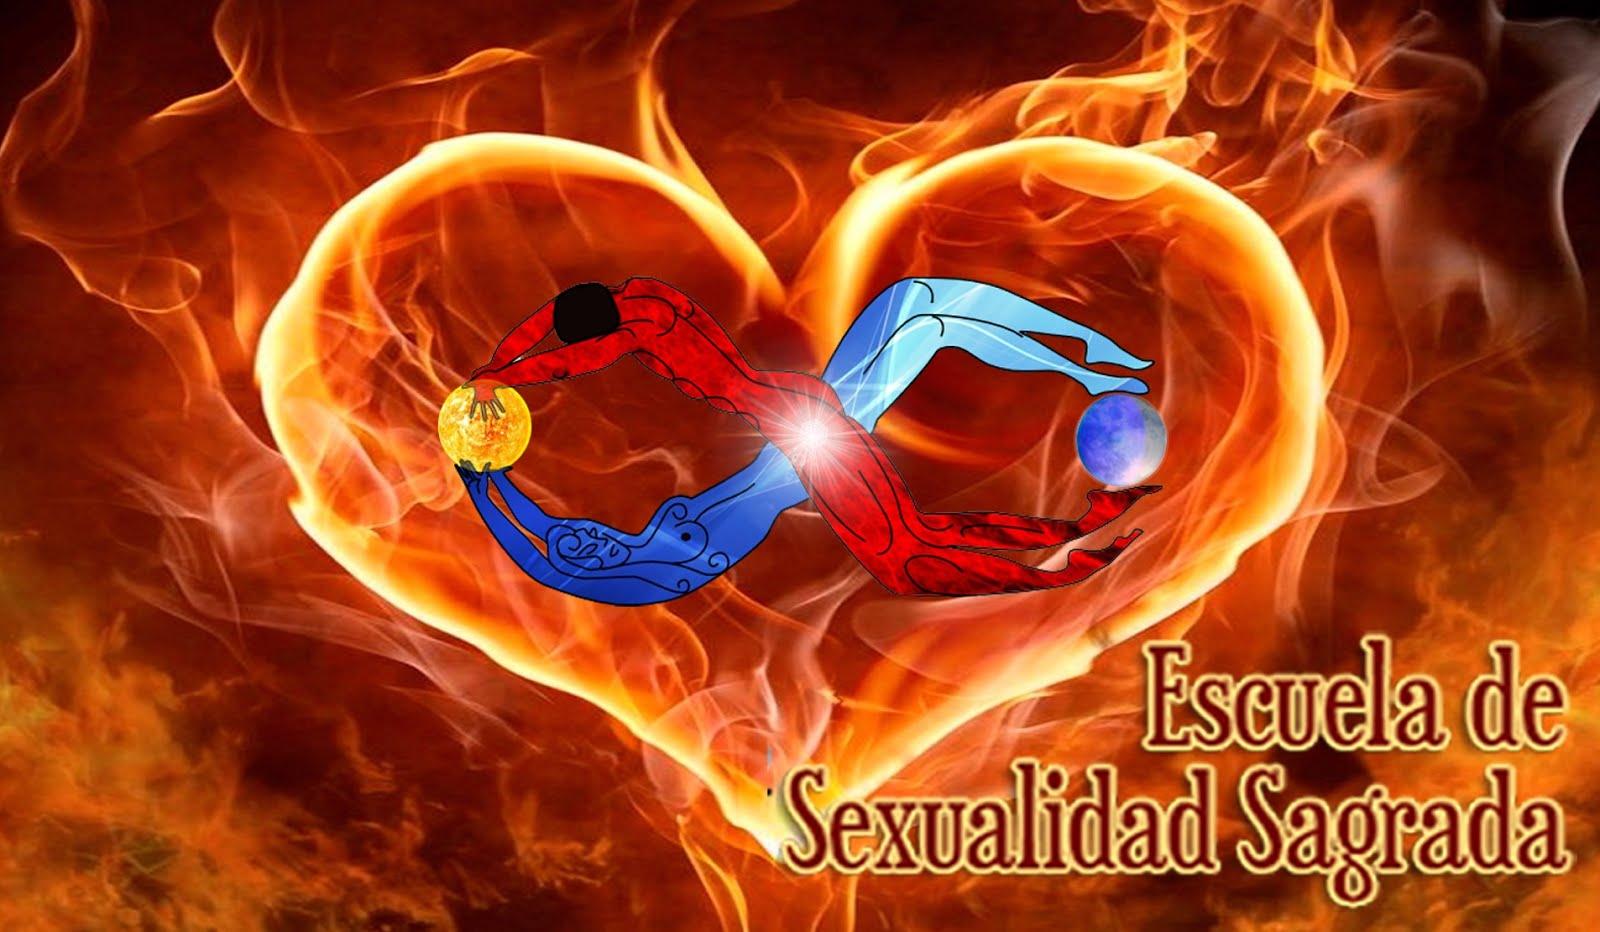 Escuela de Sexualidad Sagrada